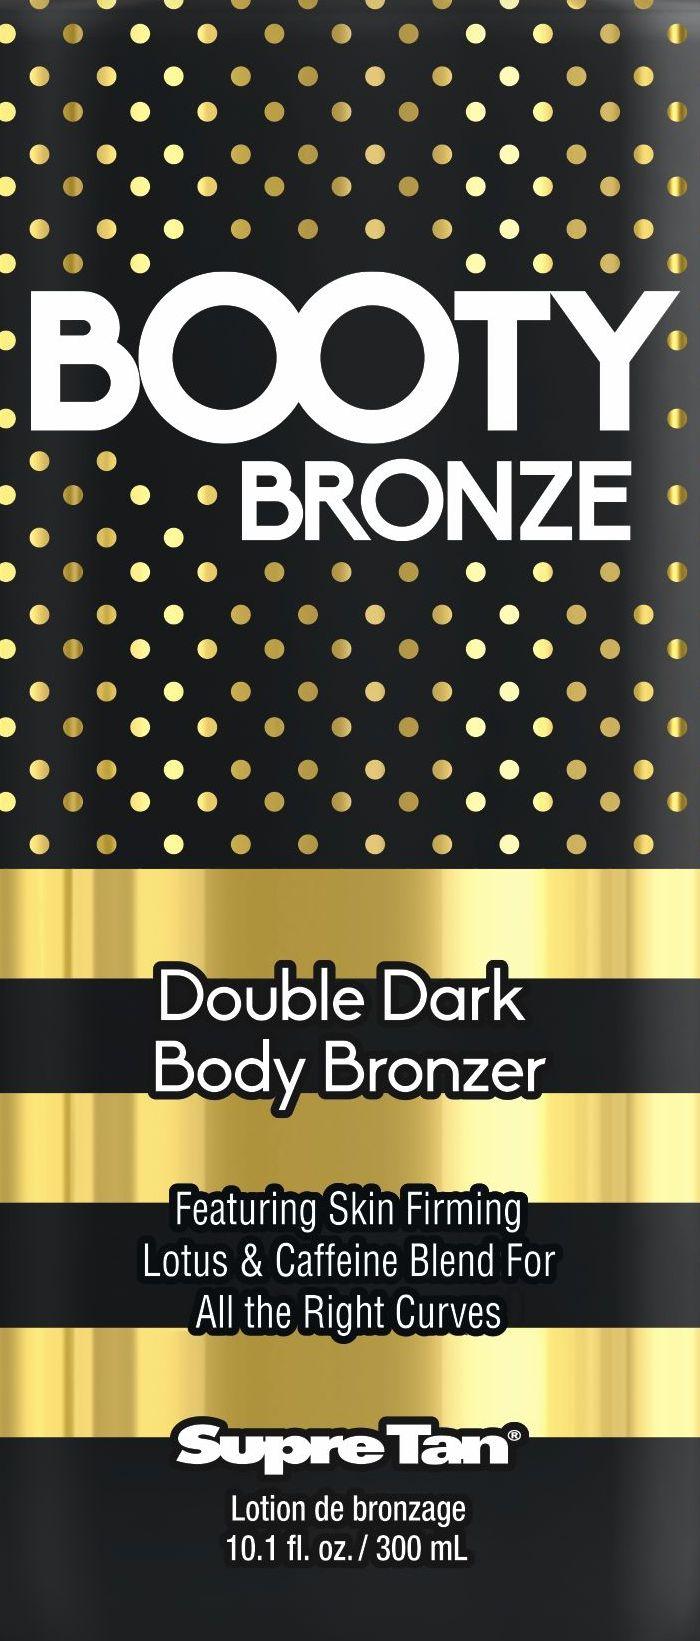 Booty Bronze™ Double Dark Bronzer Pkt